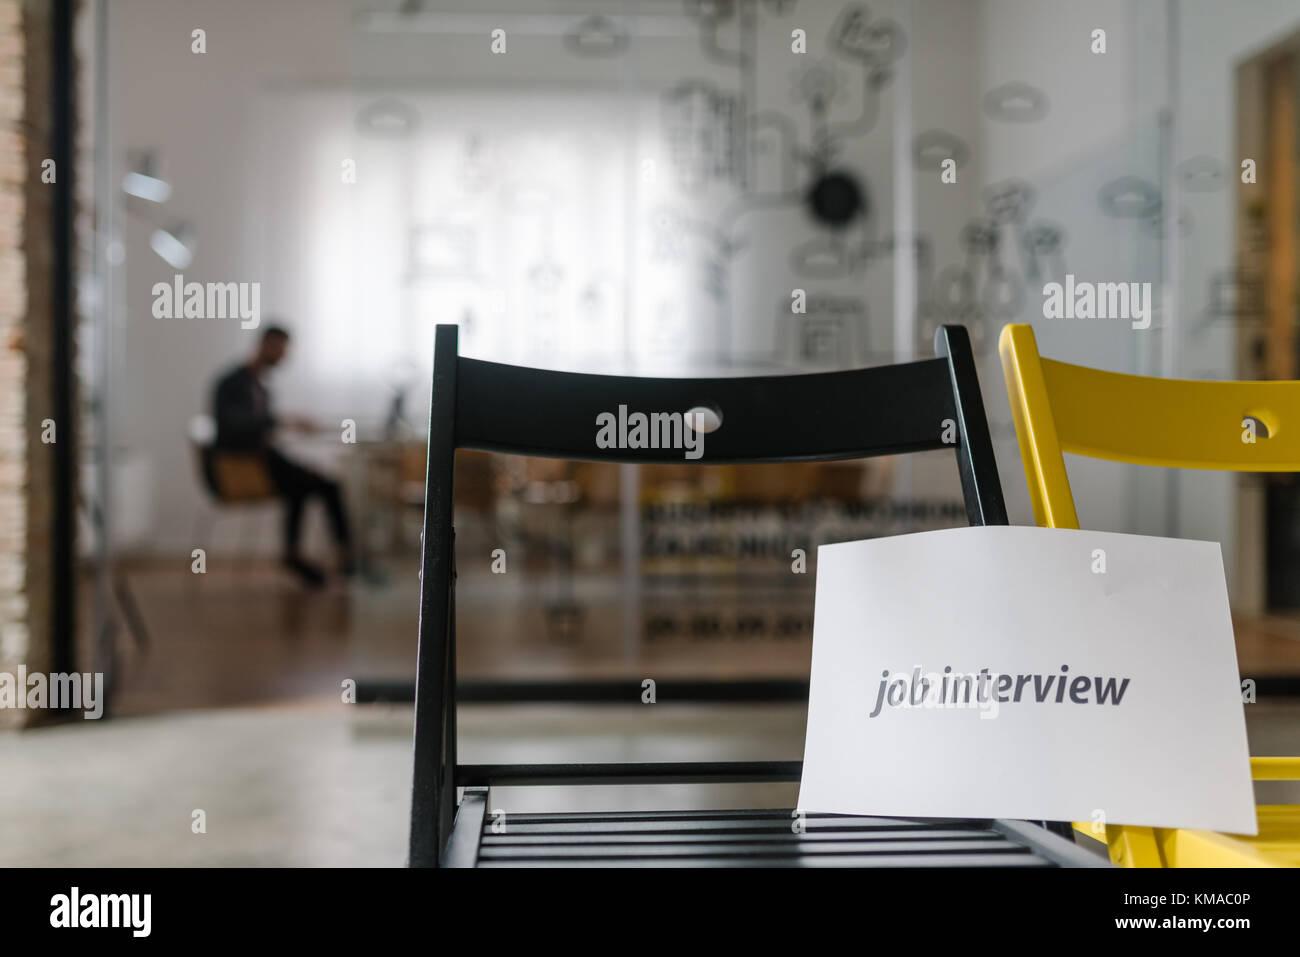 Nouvelles offres d'emploi pour une nouvelle start-up Photo Stock